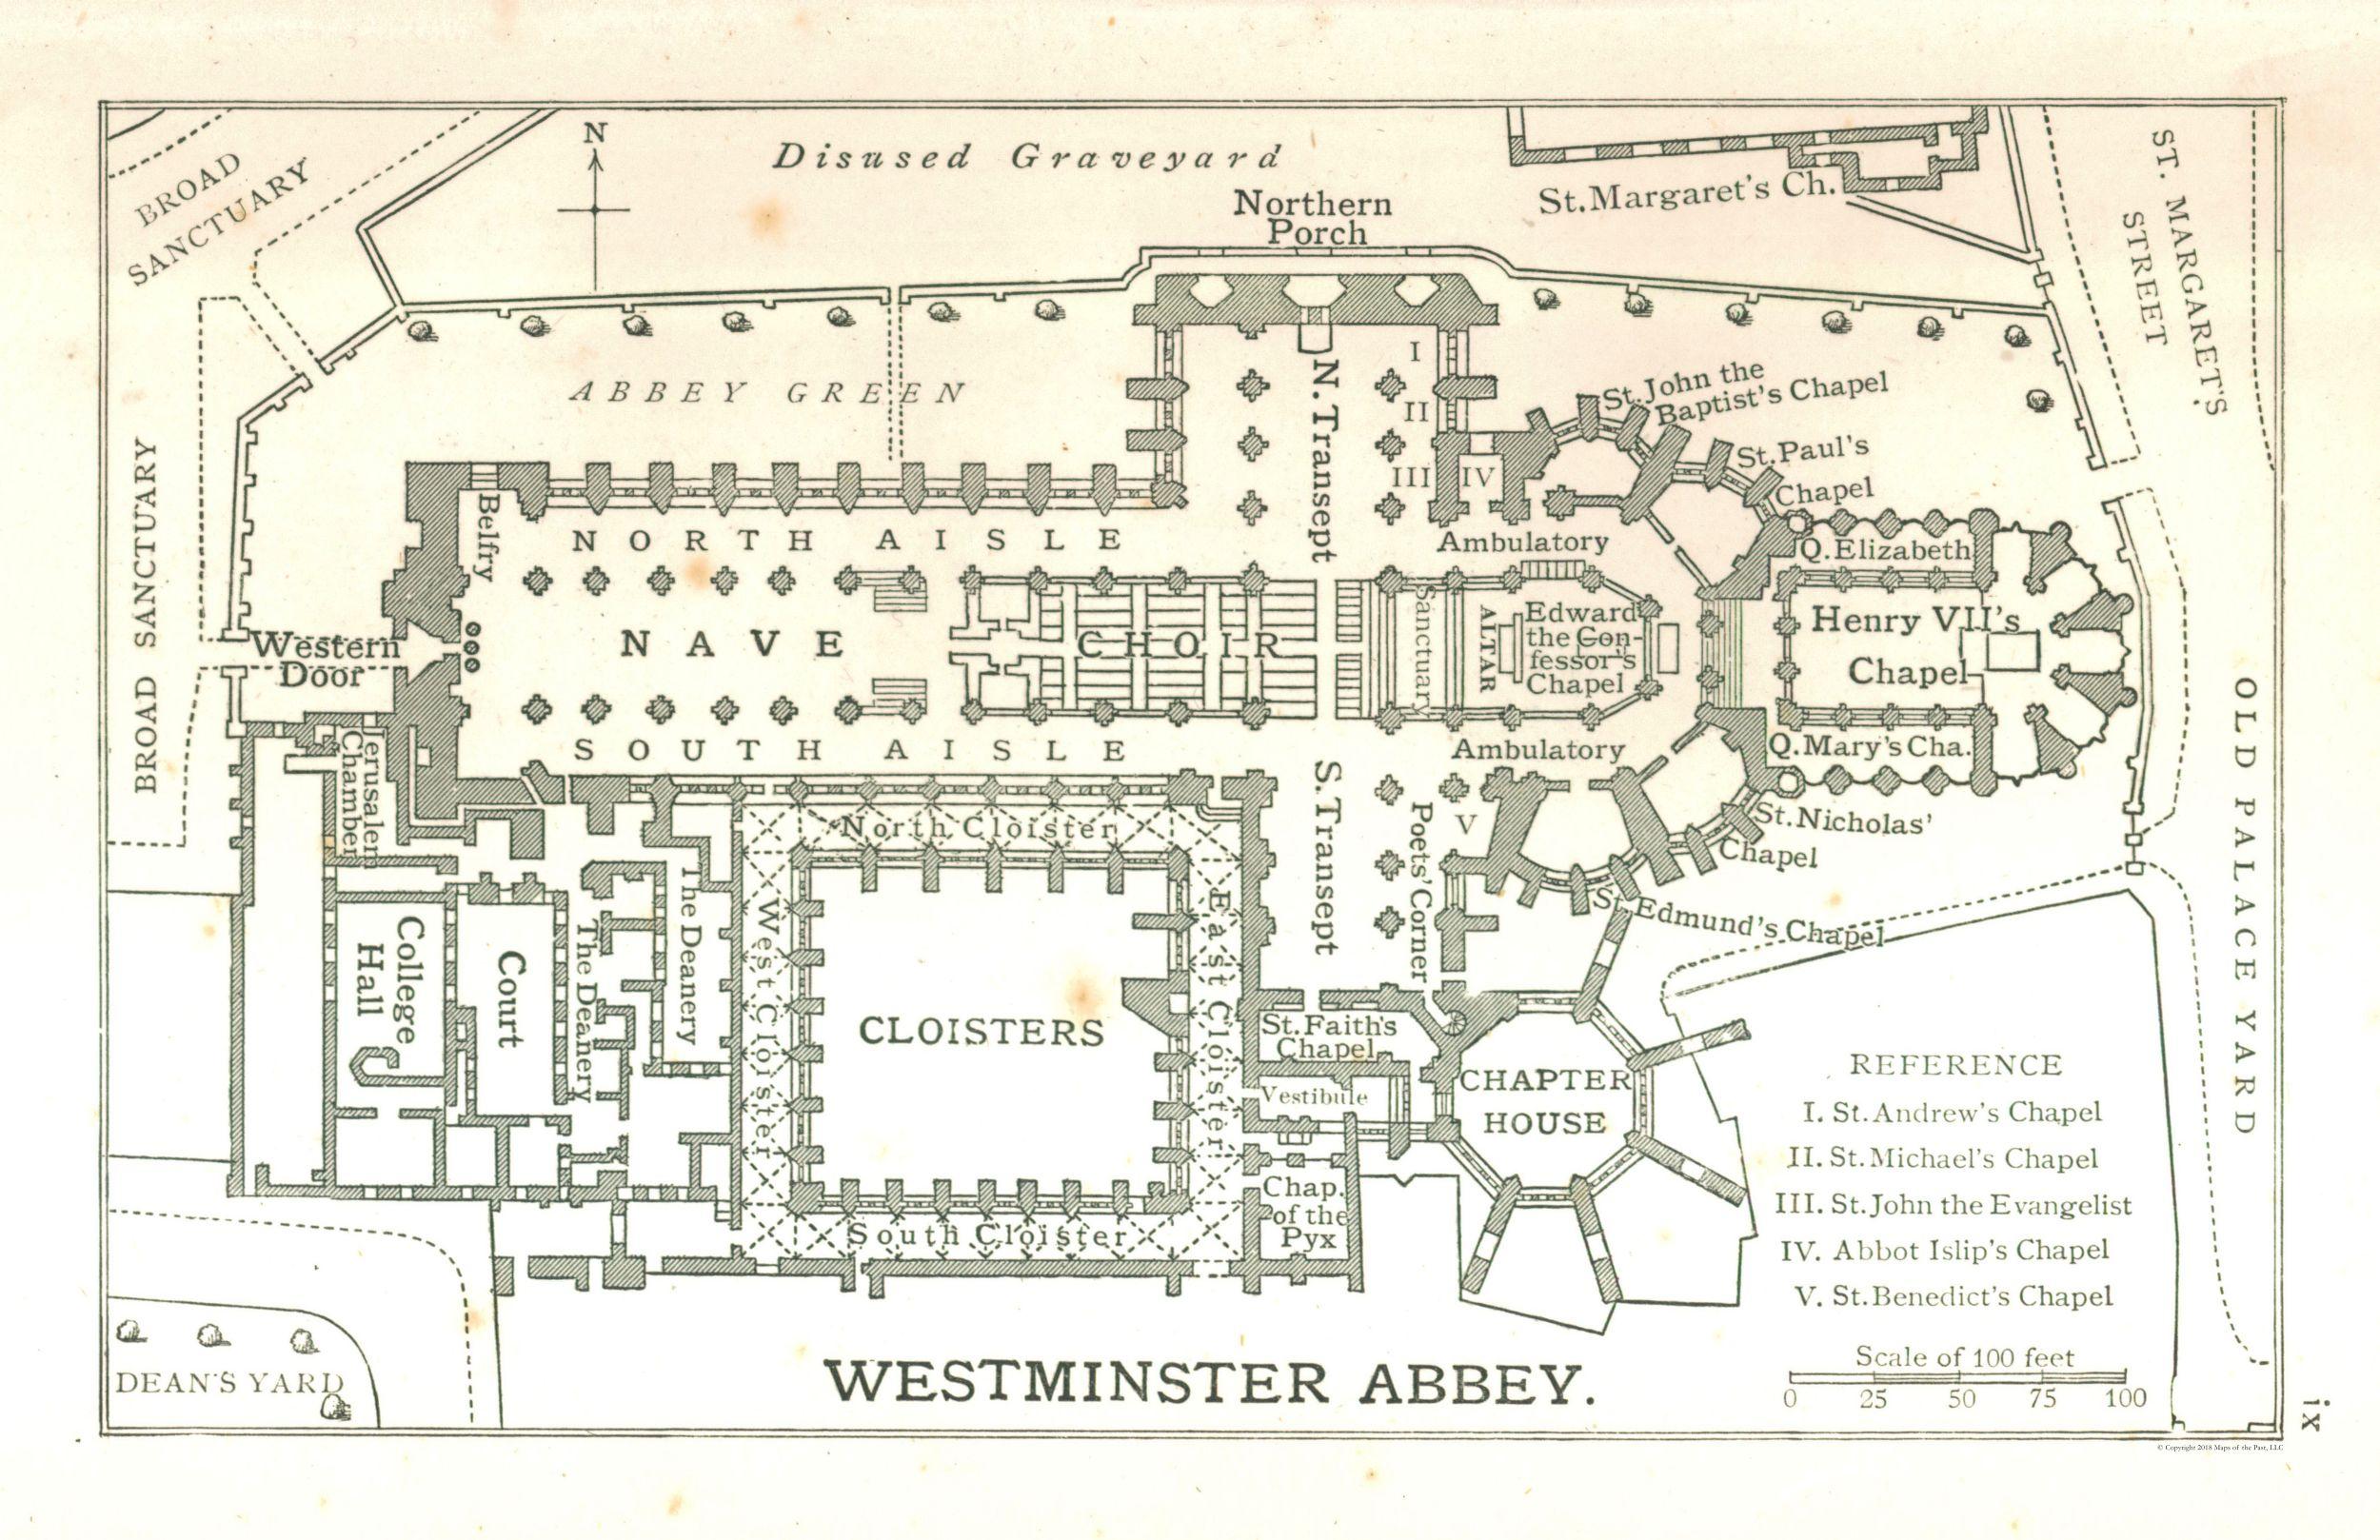 西敏寺內的地圖